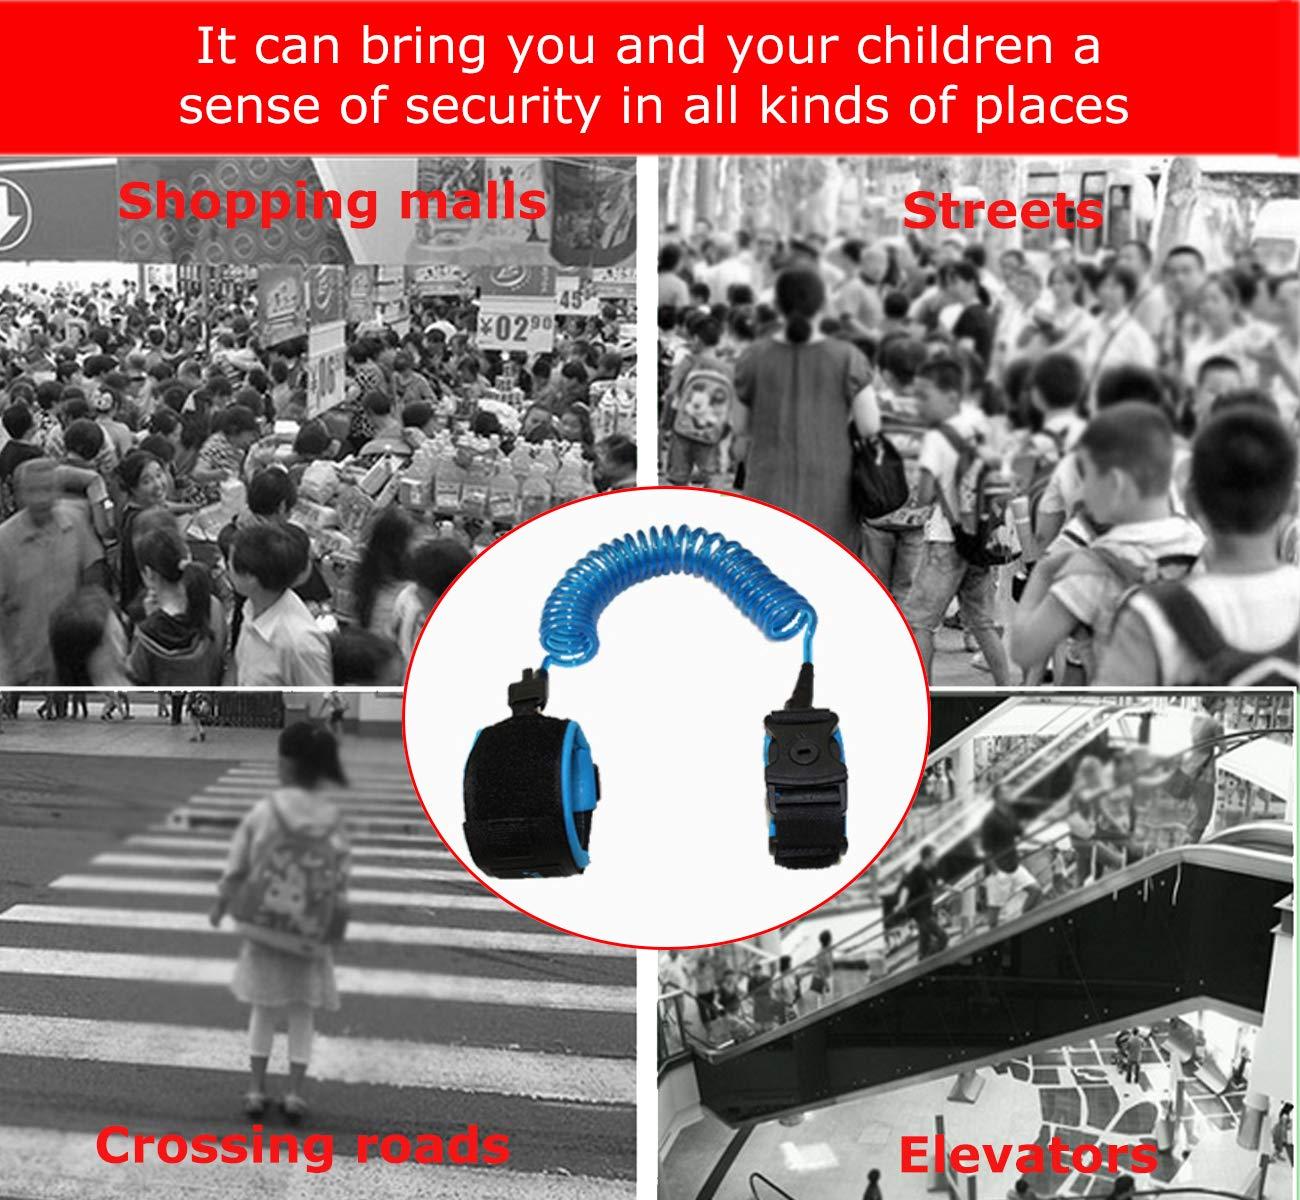 Arnes para Bebes y Ni/ños Rotaci/ón de 360 Grados Correa de Mu/ñeca Antip/érdida para Caminar y Compras 1.5M cuerda anti-perdida infantil